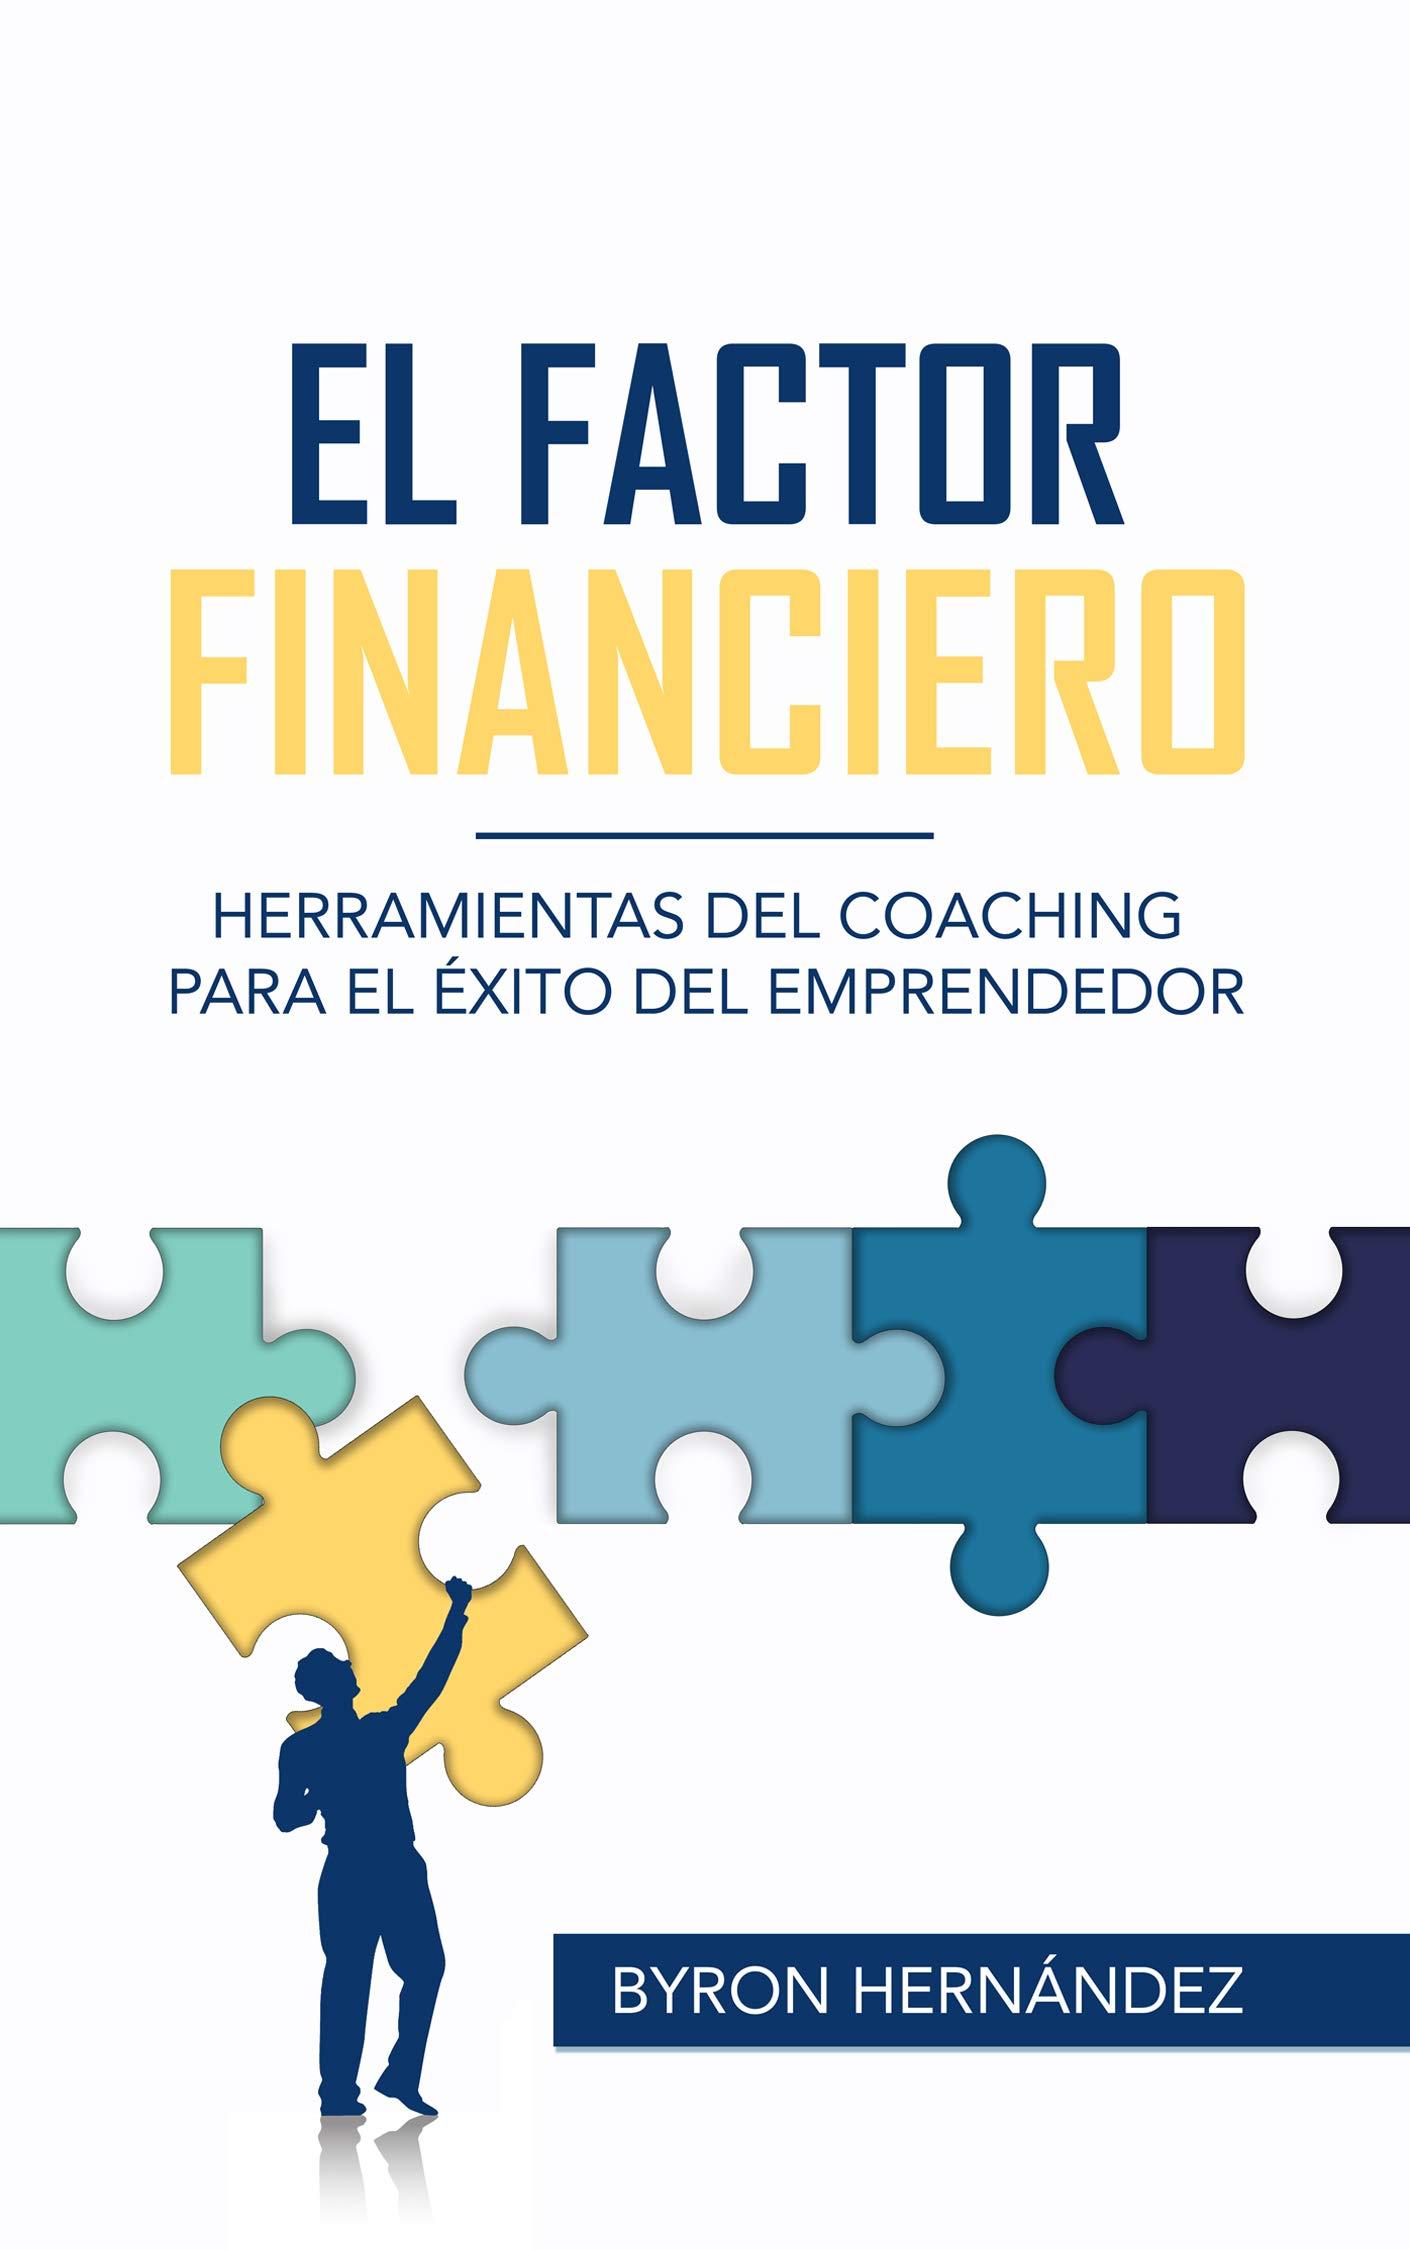 El Factor Financiero: Herramientas del Coaching para el Éxito del Emprendedor (Spanish Edition)